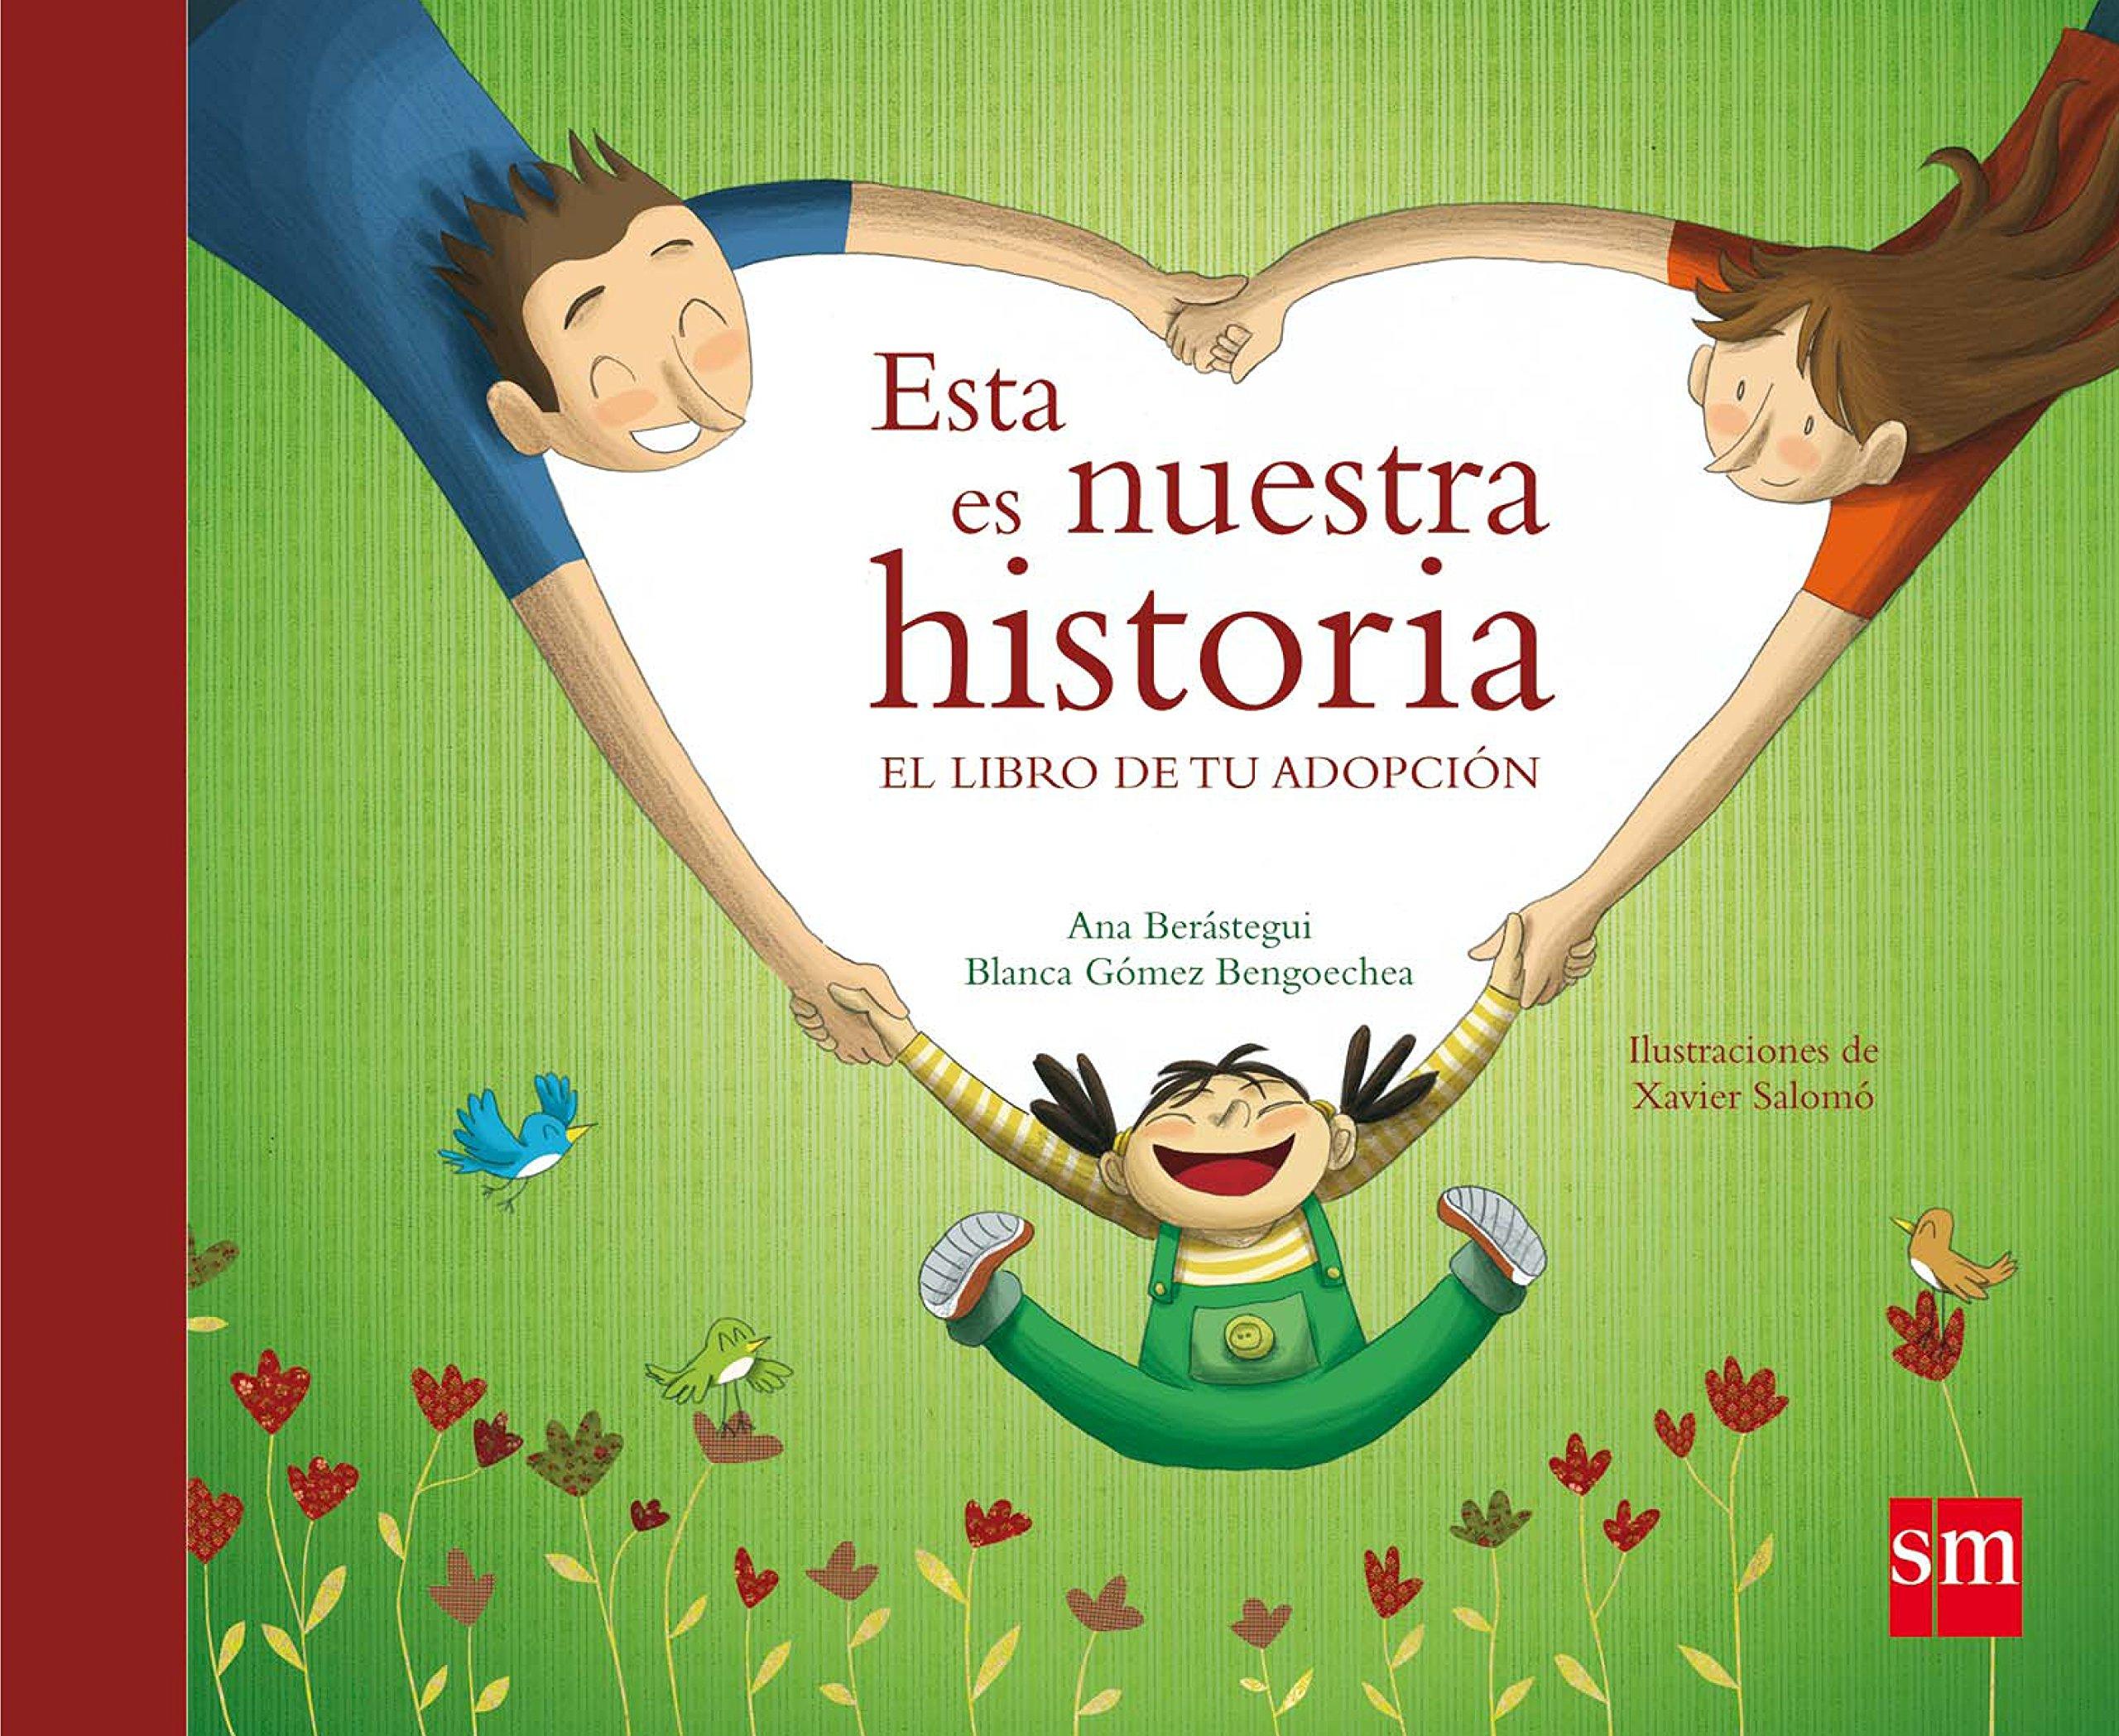 Esta es nuestra historia (Adopción): Amazon.es: Berástegui, Ana, Gómez Bengoechea, Blanca, Salomó Fisa, Xavier: Libros